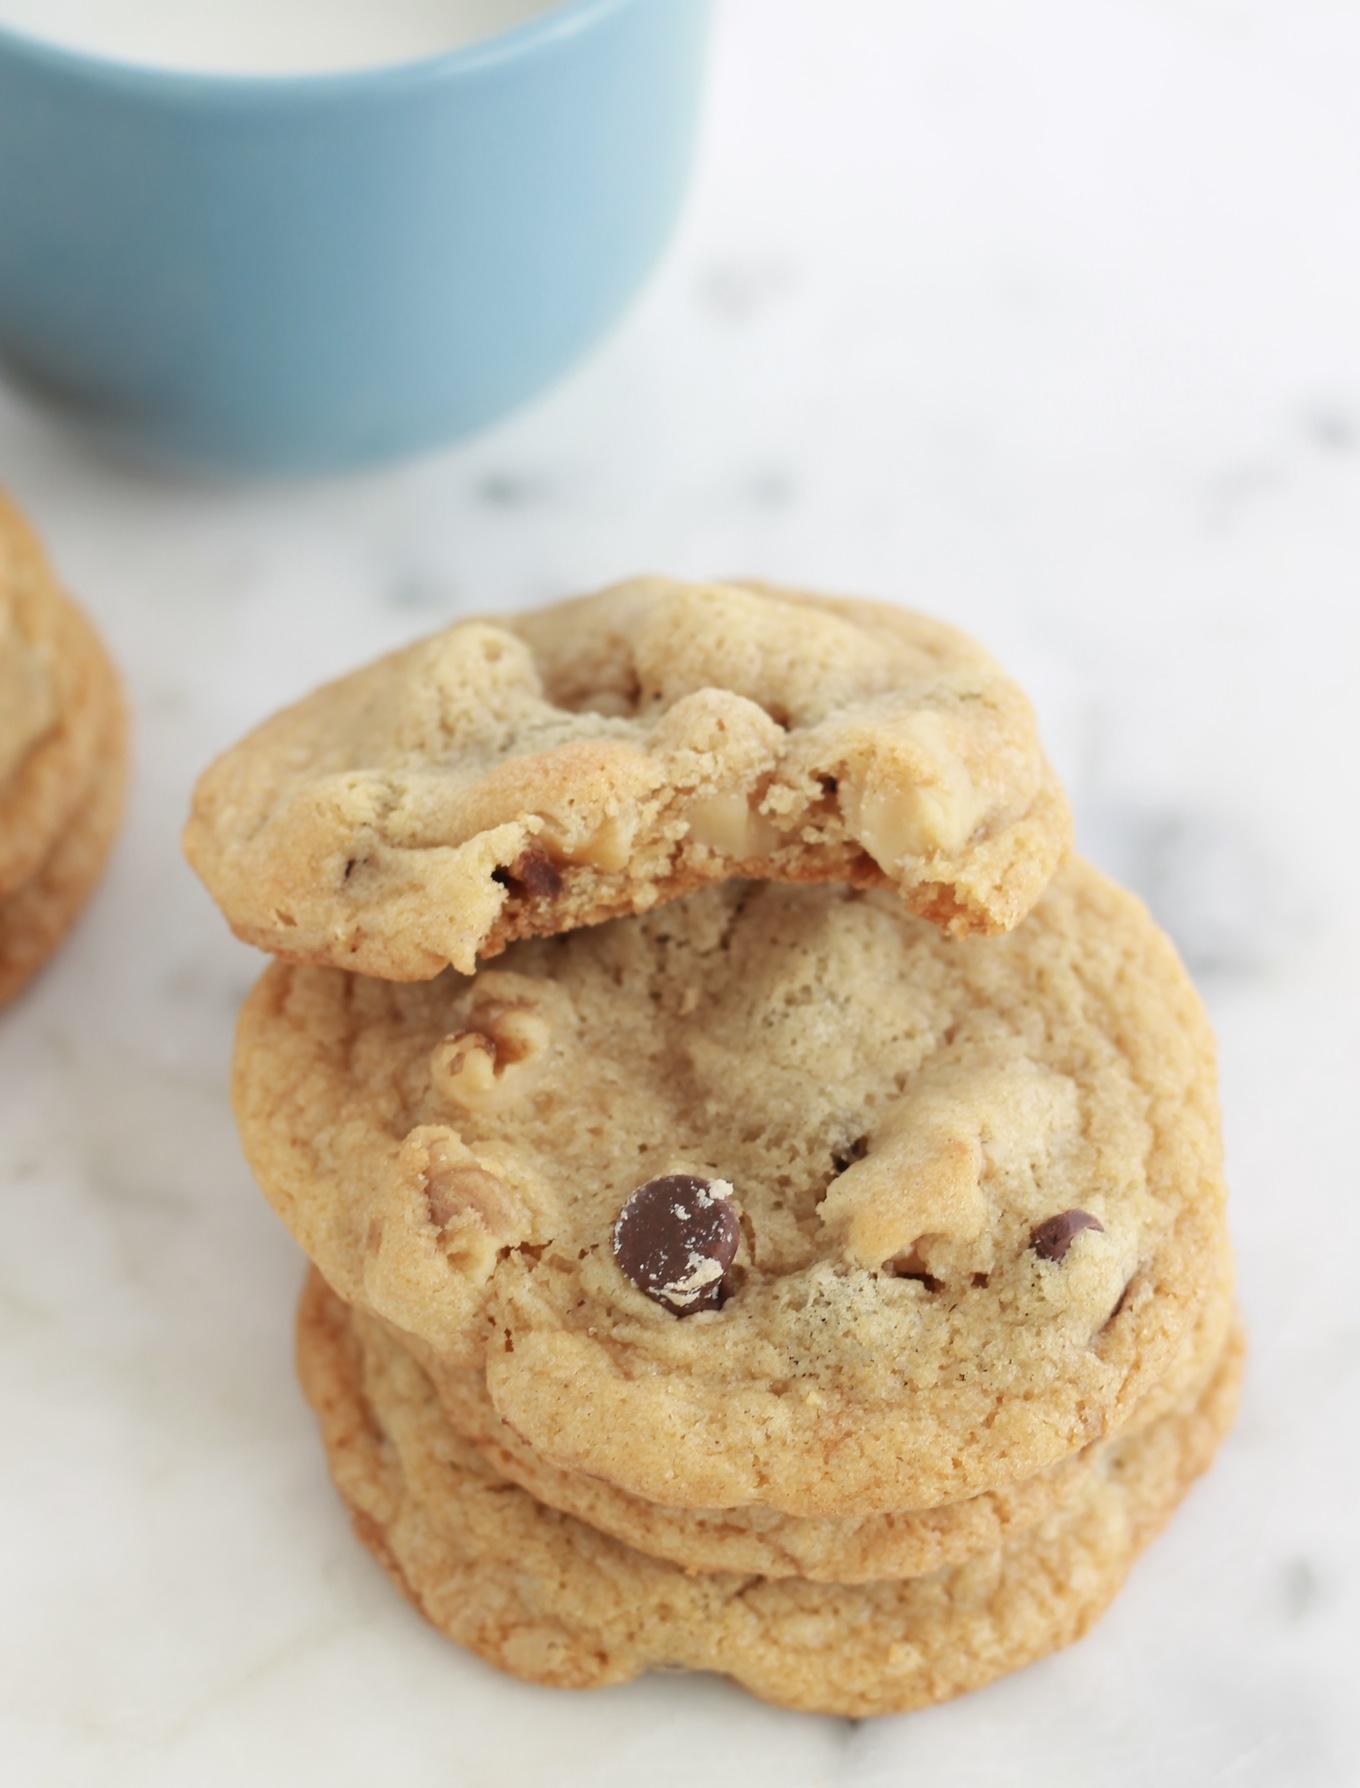 Cookies aux pépites de chocolat et noix. Très faciles à faire et à réussir. Ils sont superbes pour le goûter. Et vous pouvez préparer votre pâte jusqu'à 3 jours à l'avance, elle se garde bien au réfrigérateur./CuisineCulinaire.com